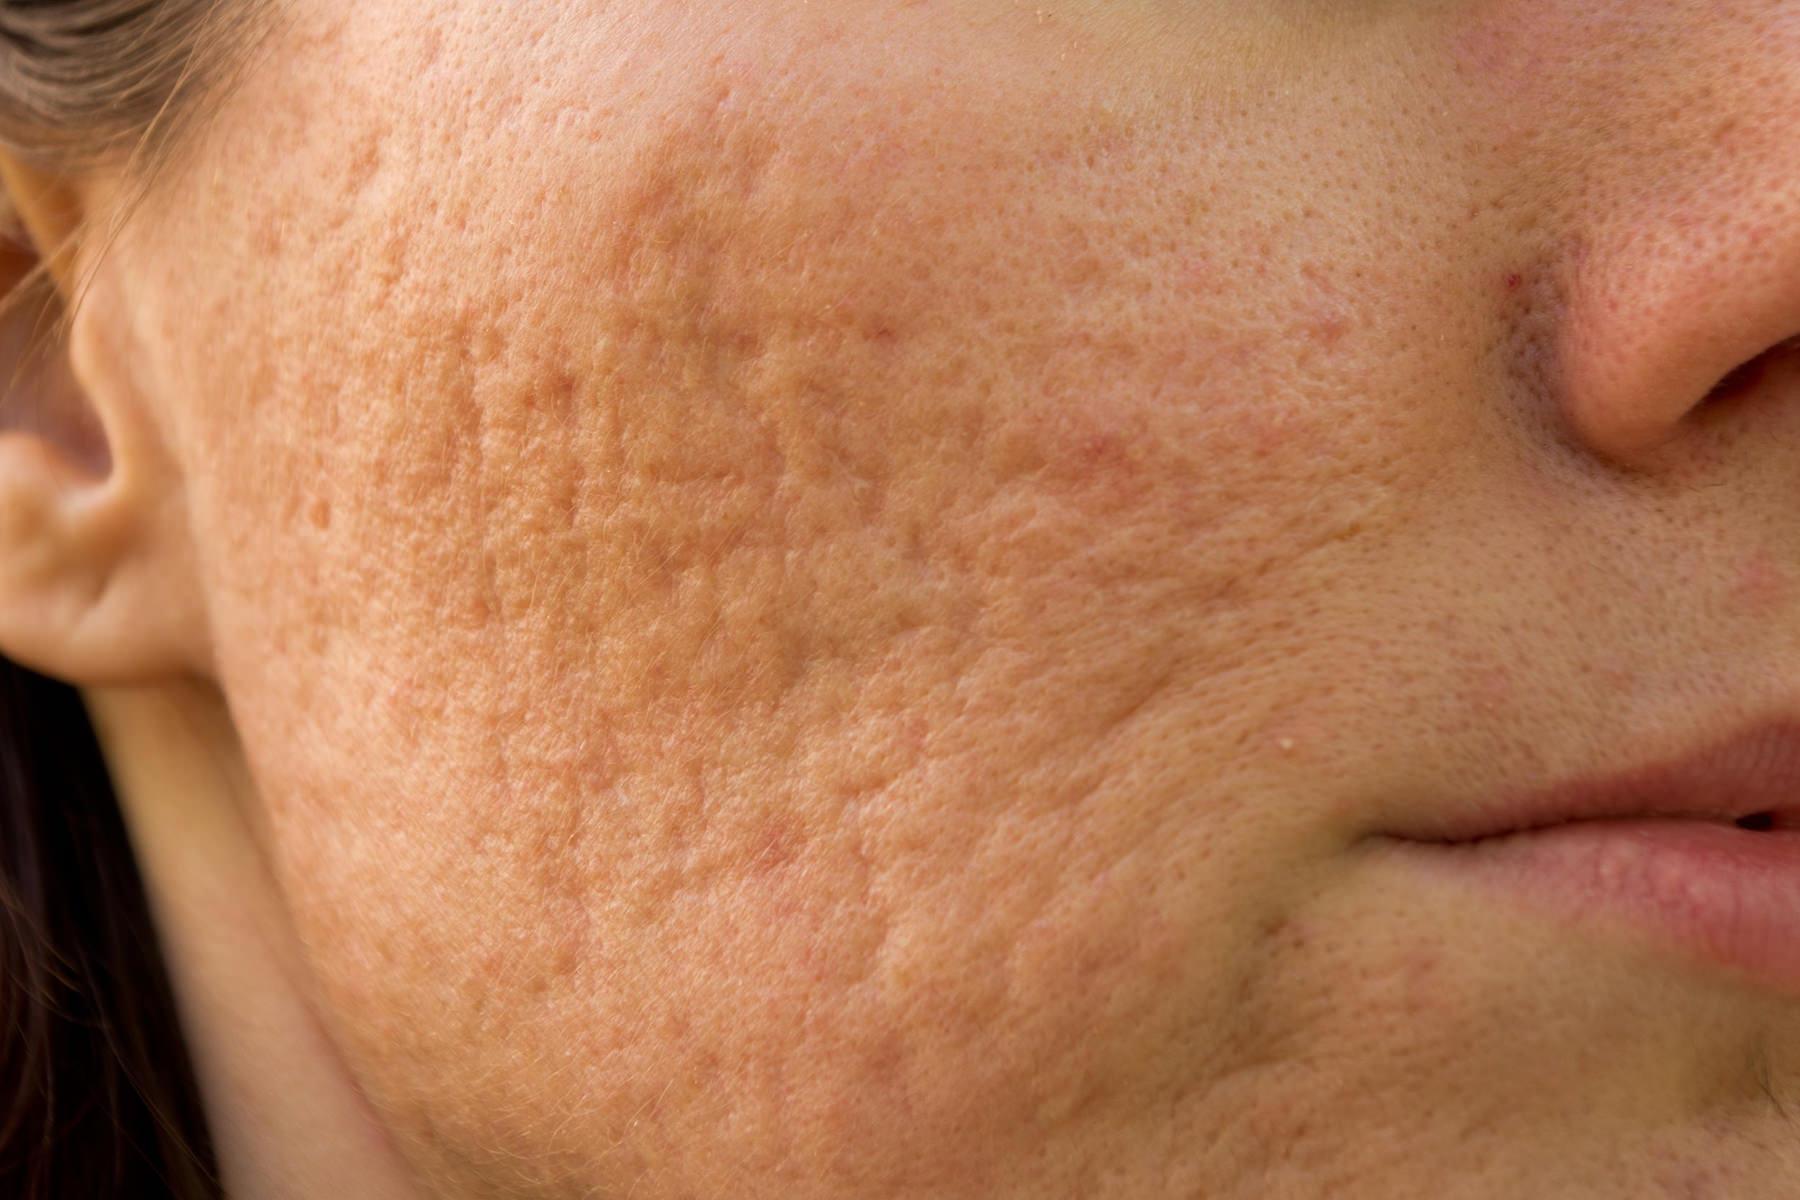 Huidpraktijk Nieuwkoop Acne littekens